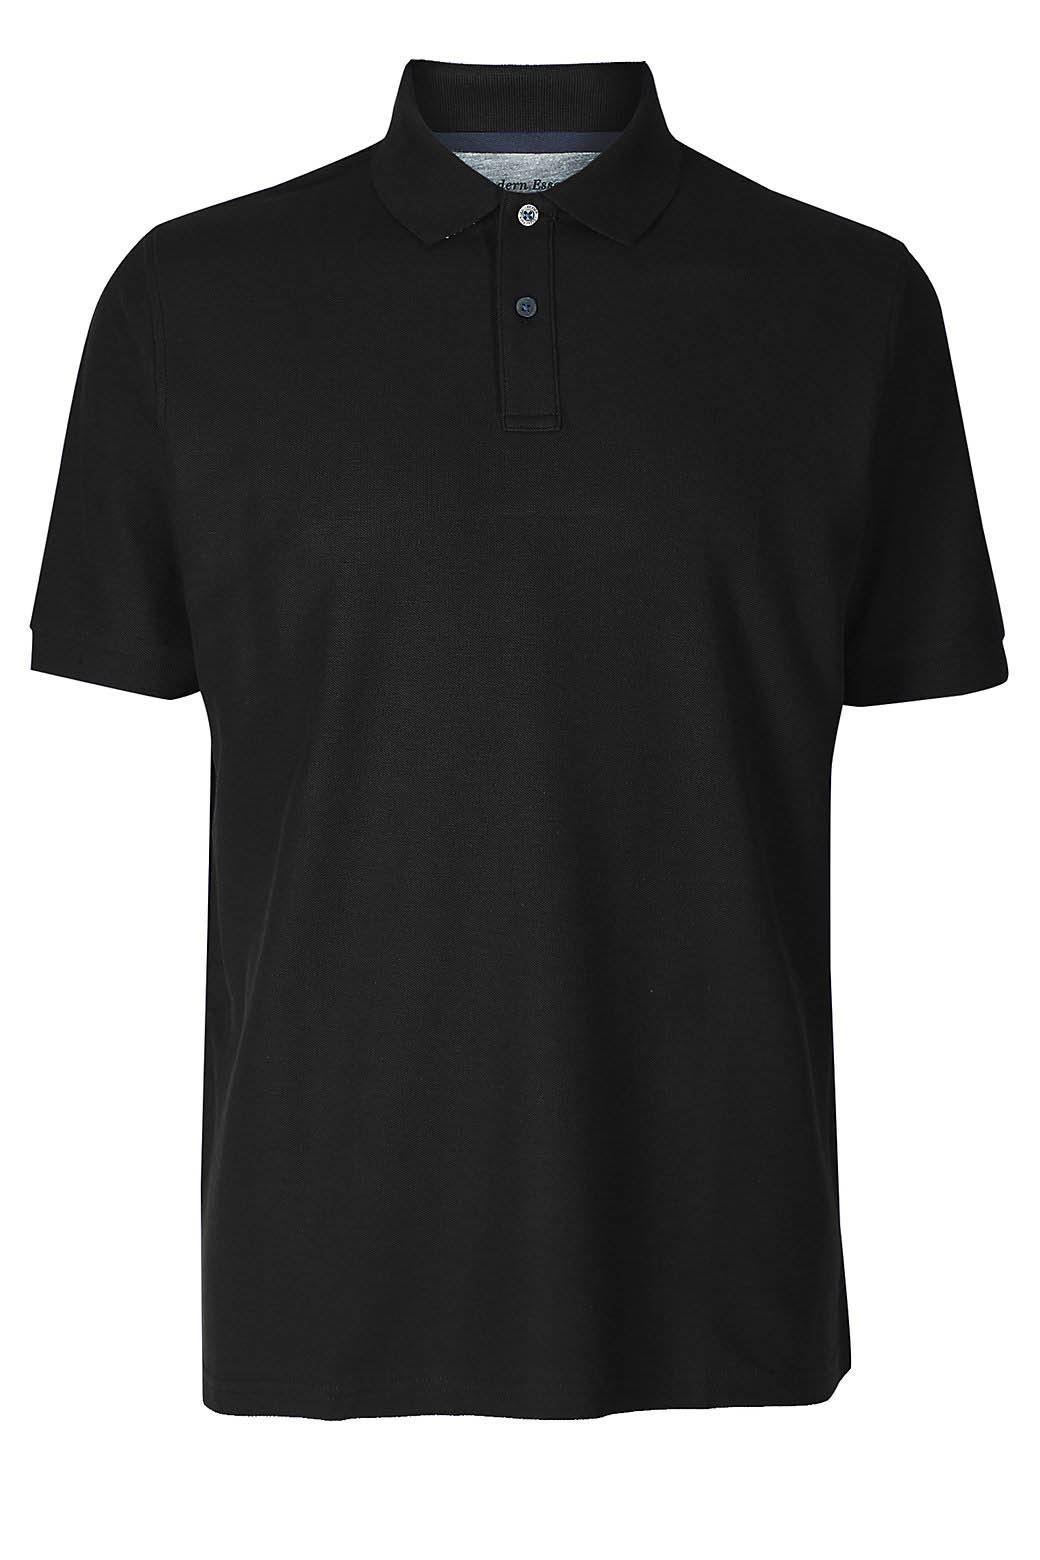 Marks-amp-Spencer-Camisa-Polo-Para-Hombre-Algodon-Clasico-M-amp-S-todos-los-colores-y-tamanos-de miniatura 6